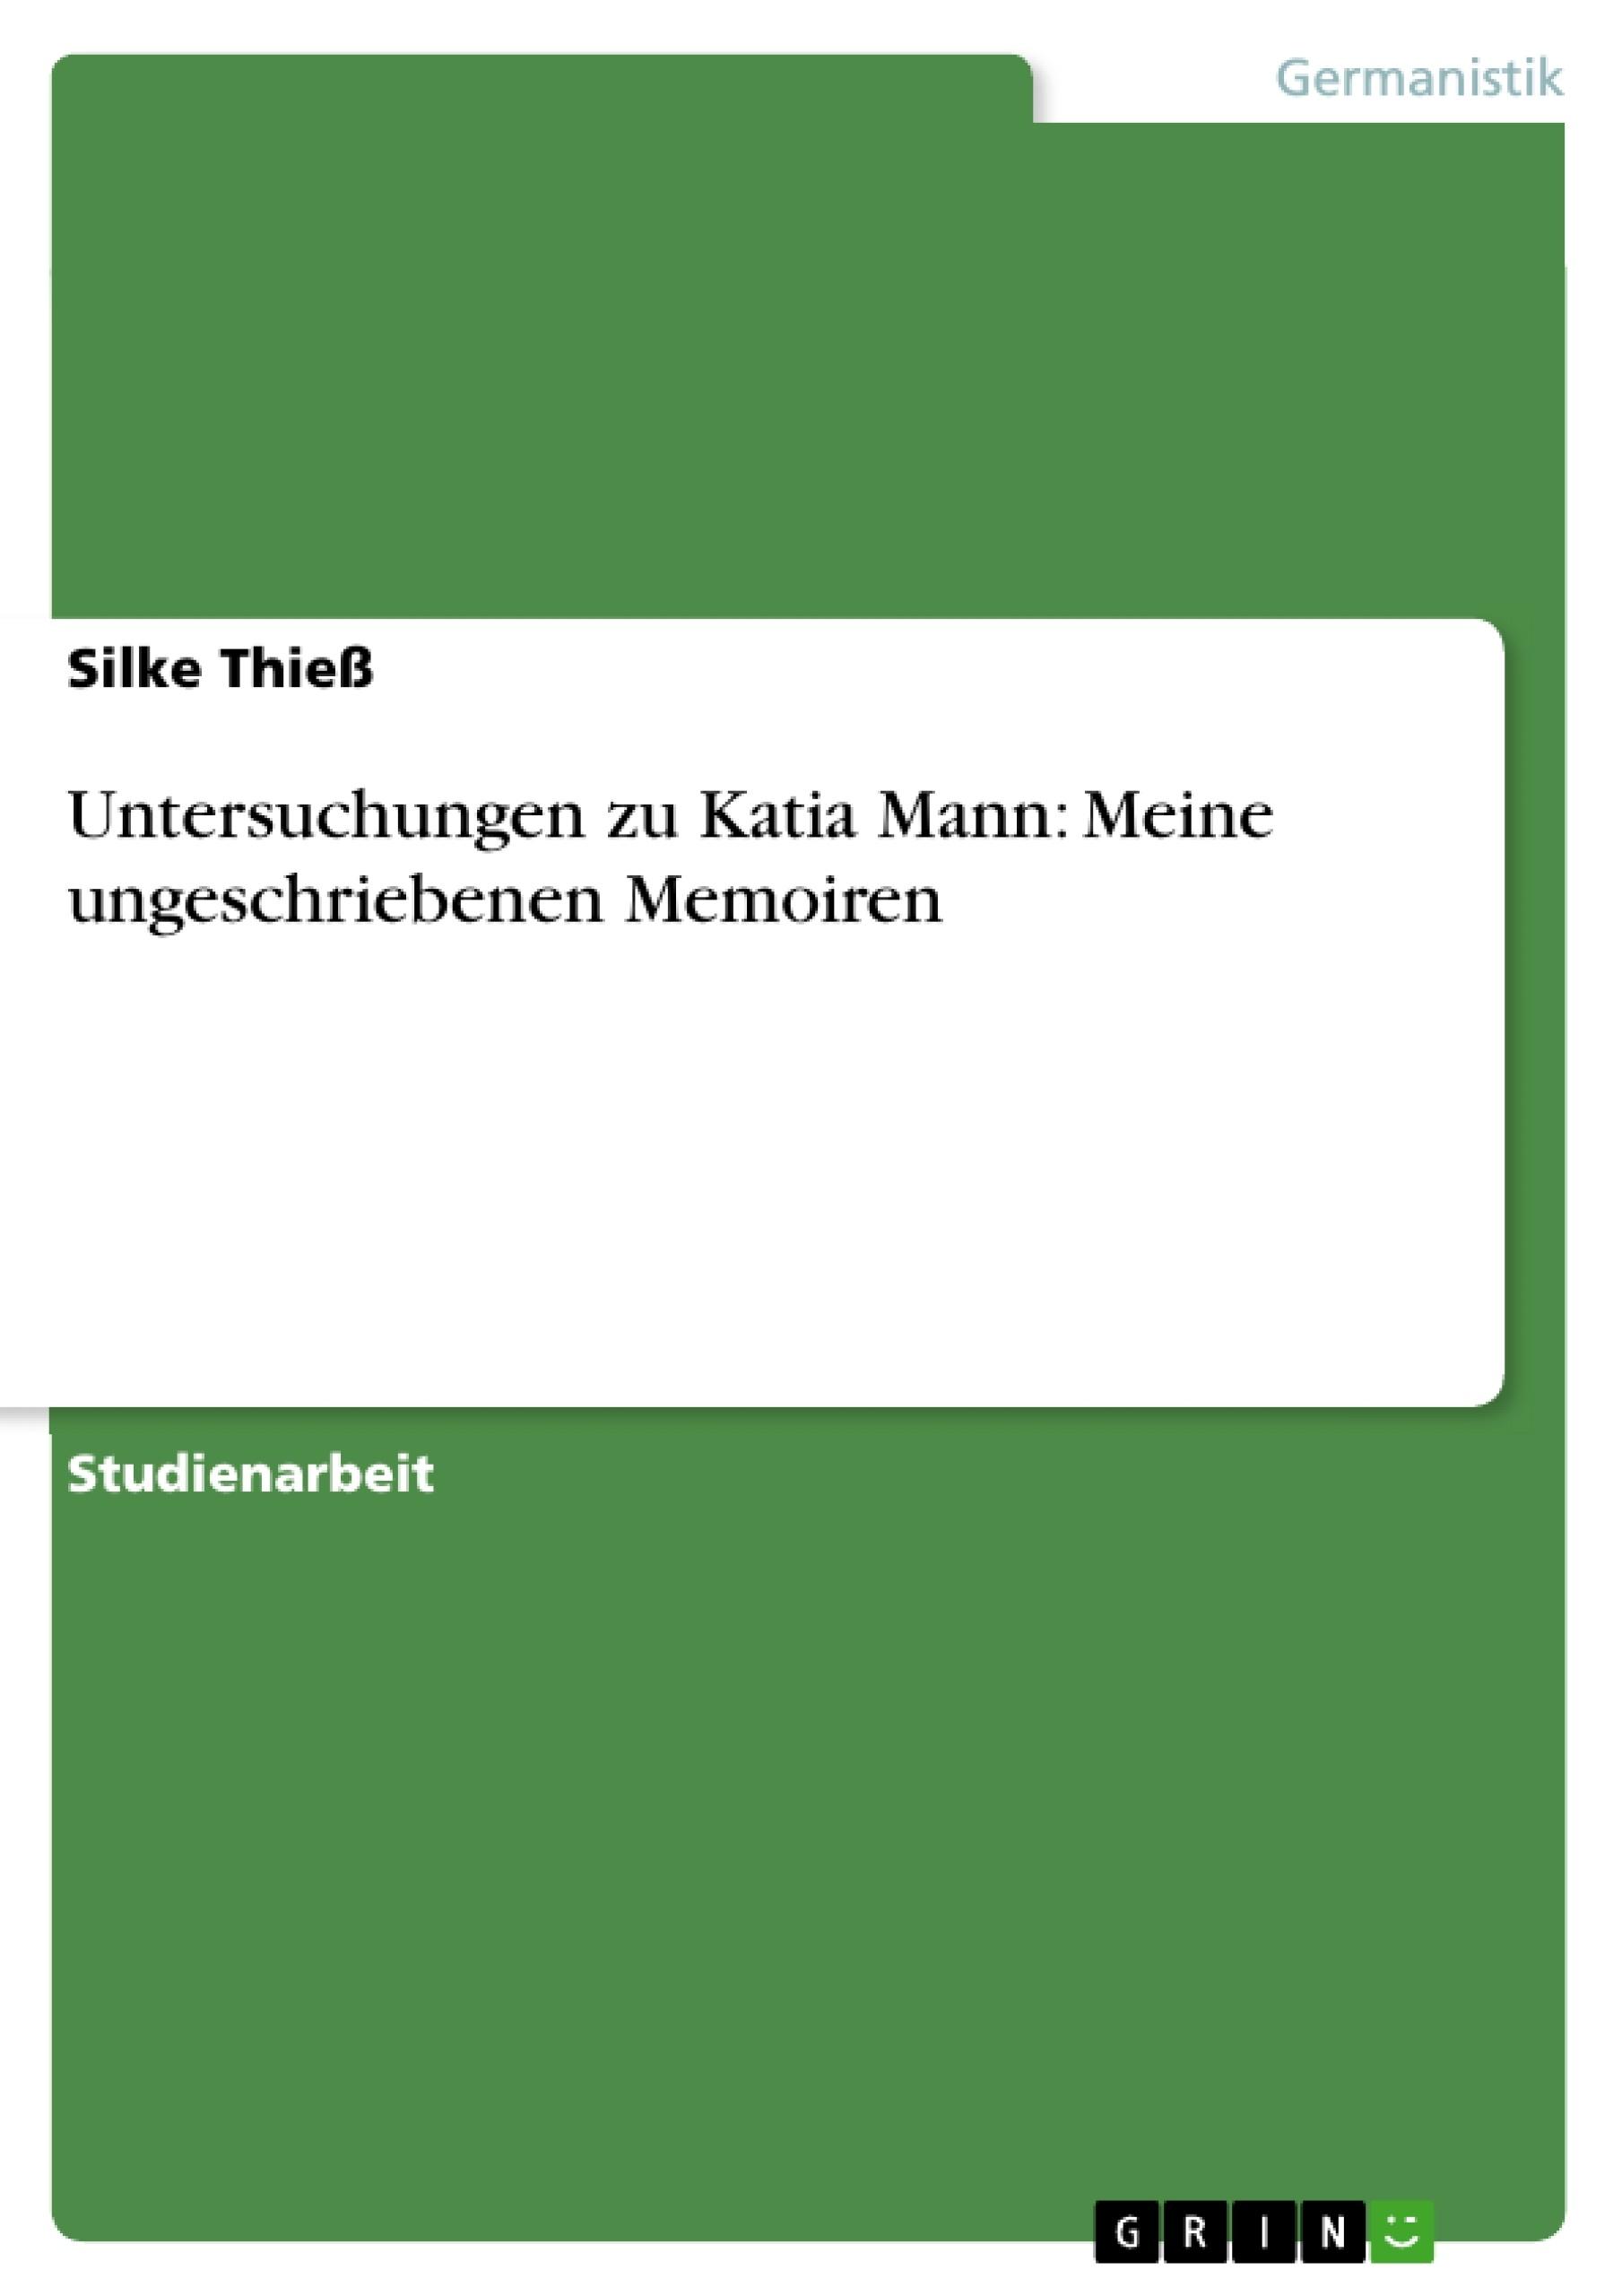 Titel: Untersuchungen zu Katia Mann: Meine ungeschriebenen Memoiren